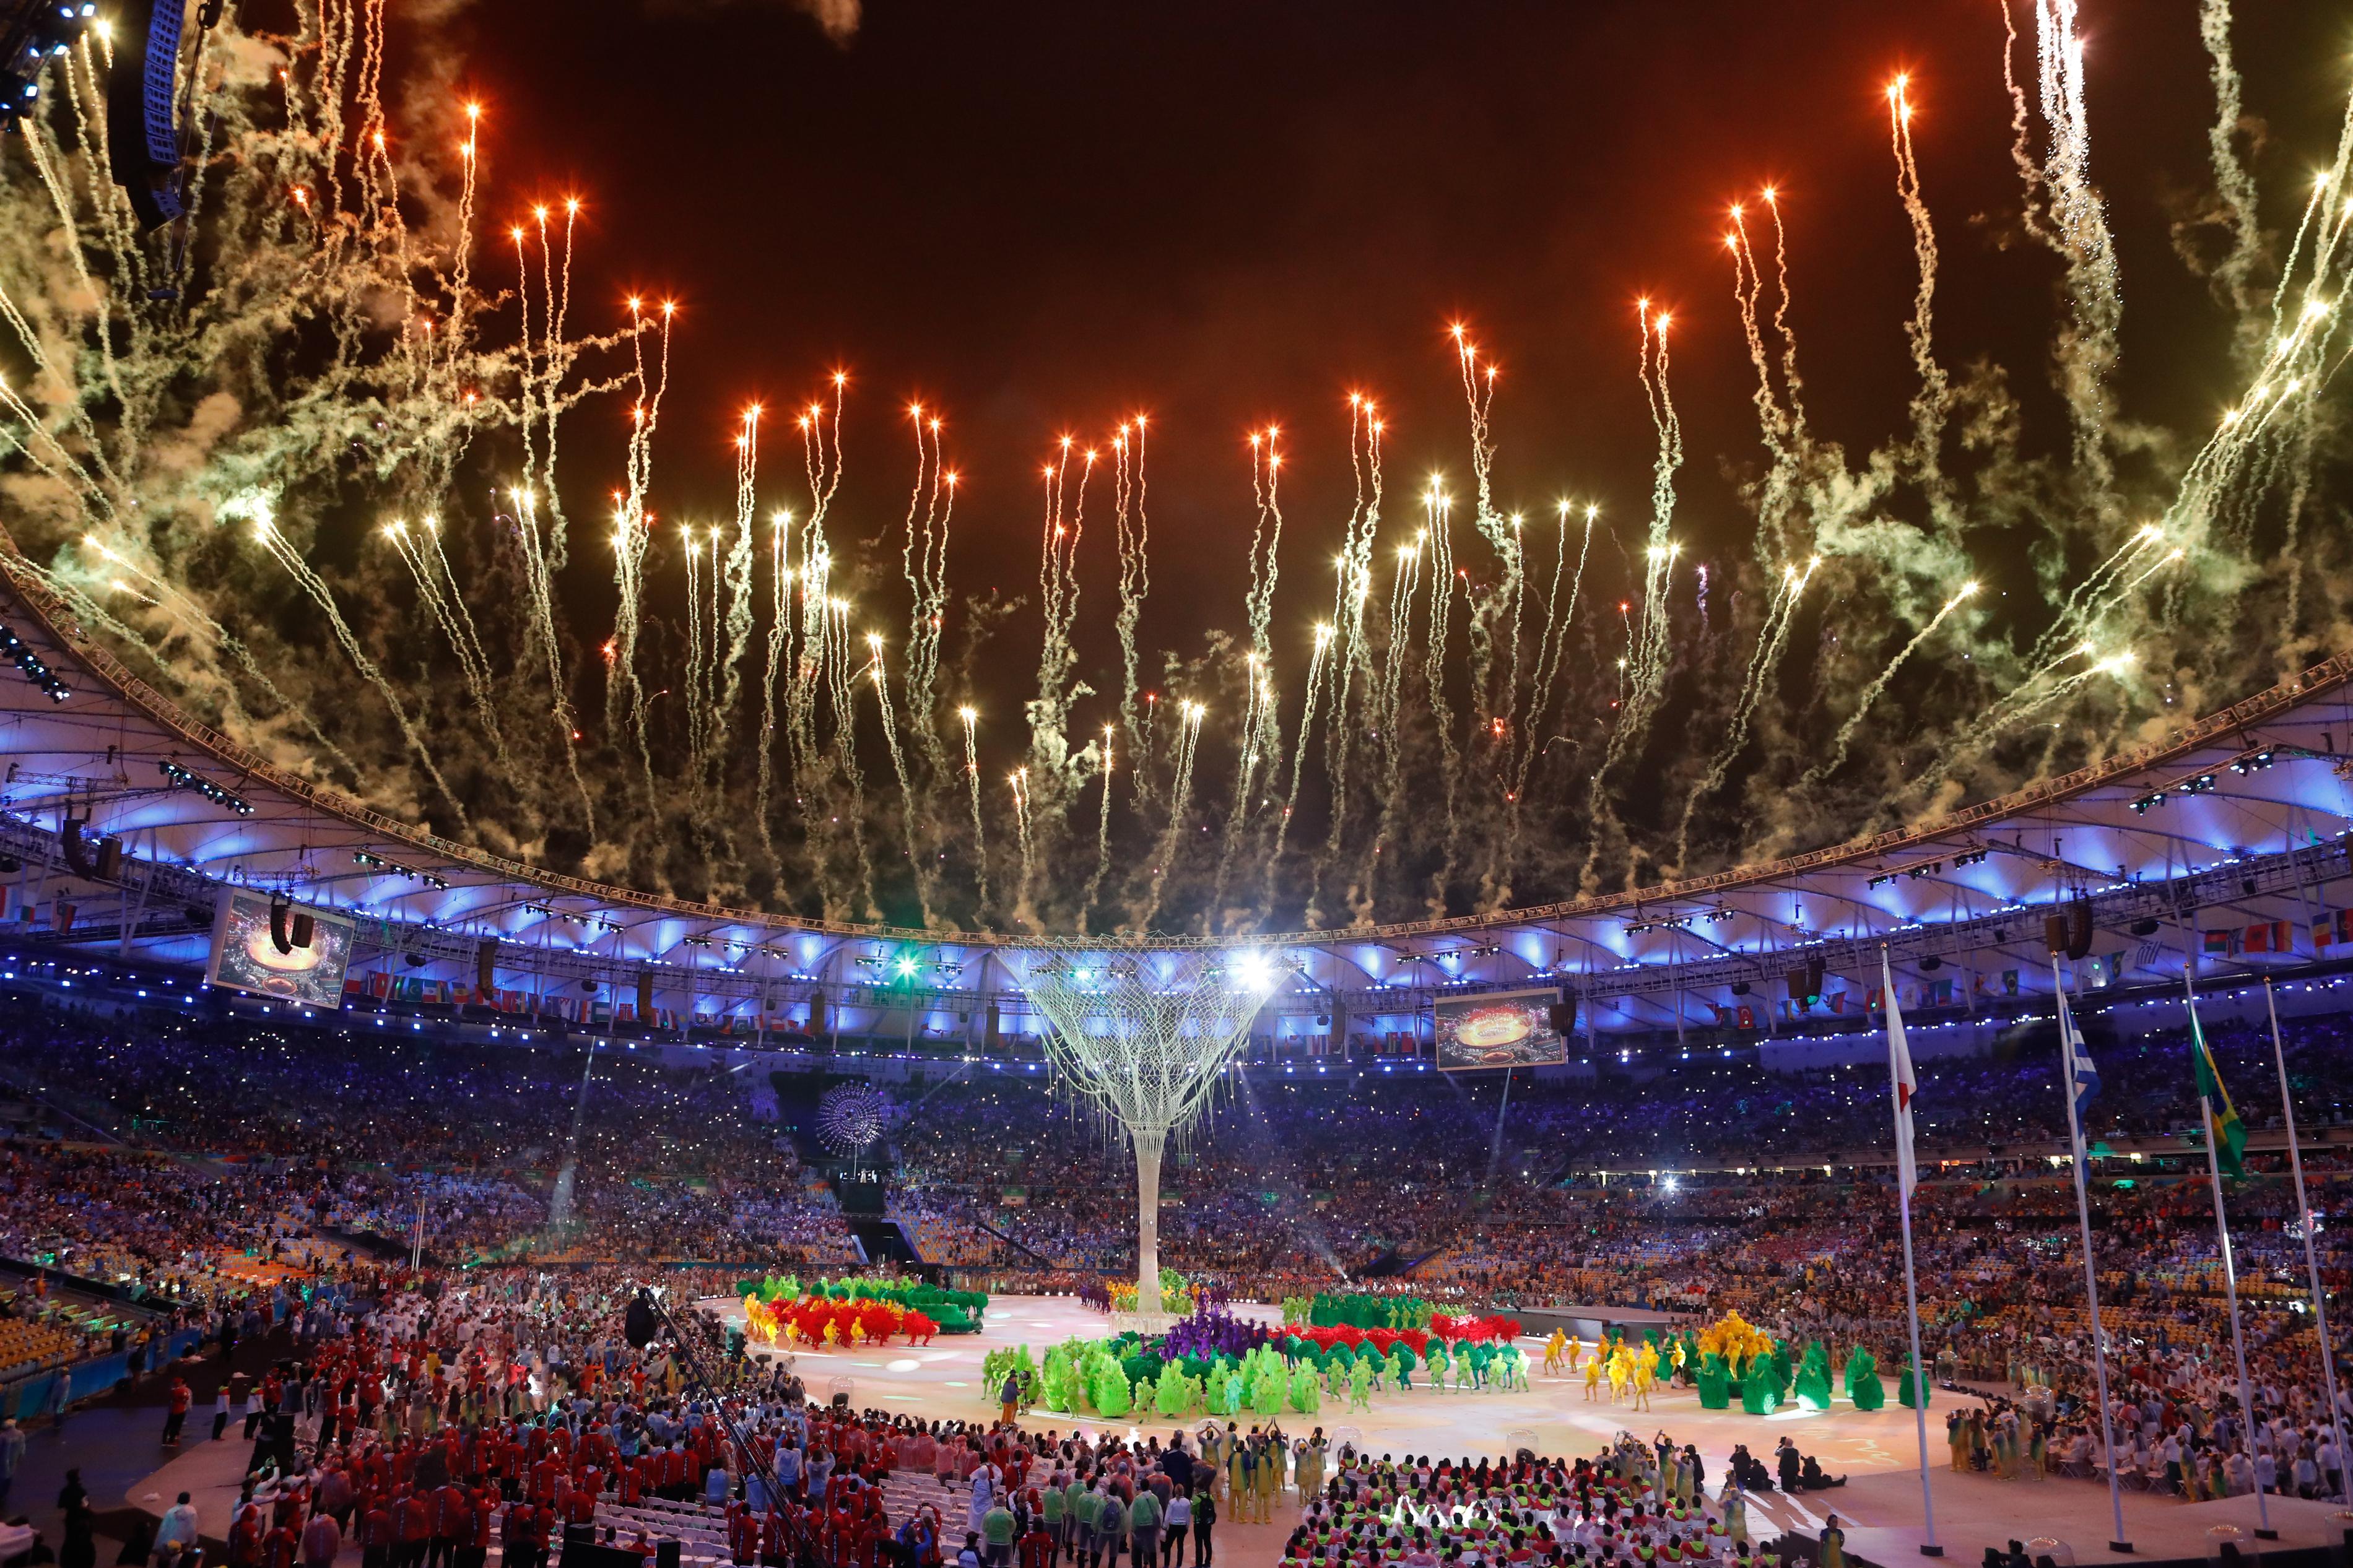 2016 Summer Olympics closing ceremony - Wikipedia